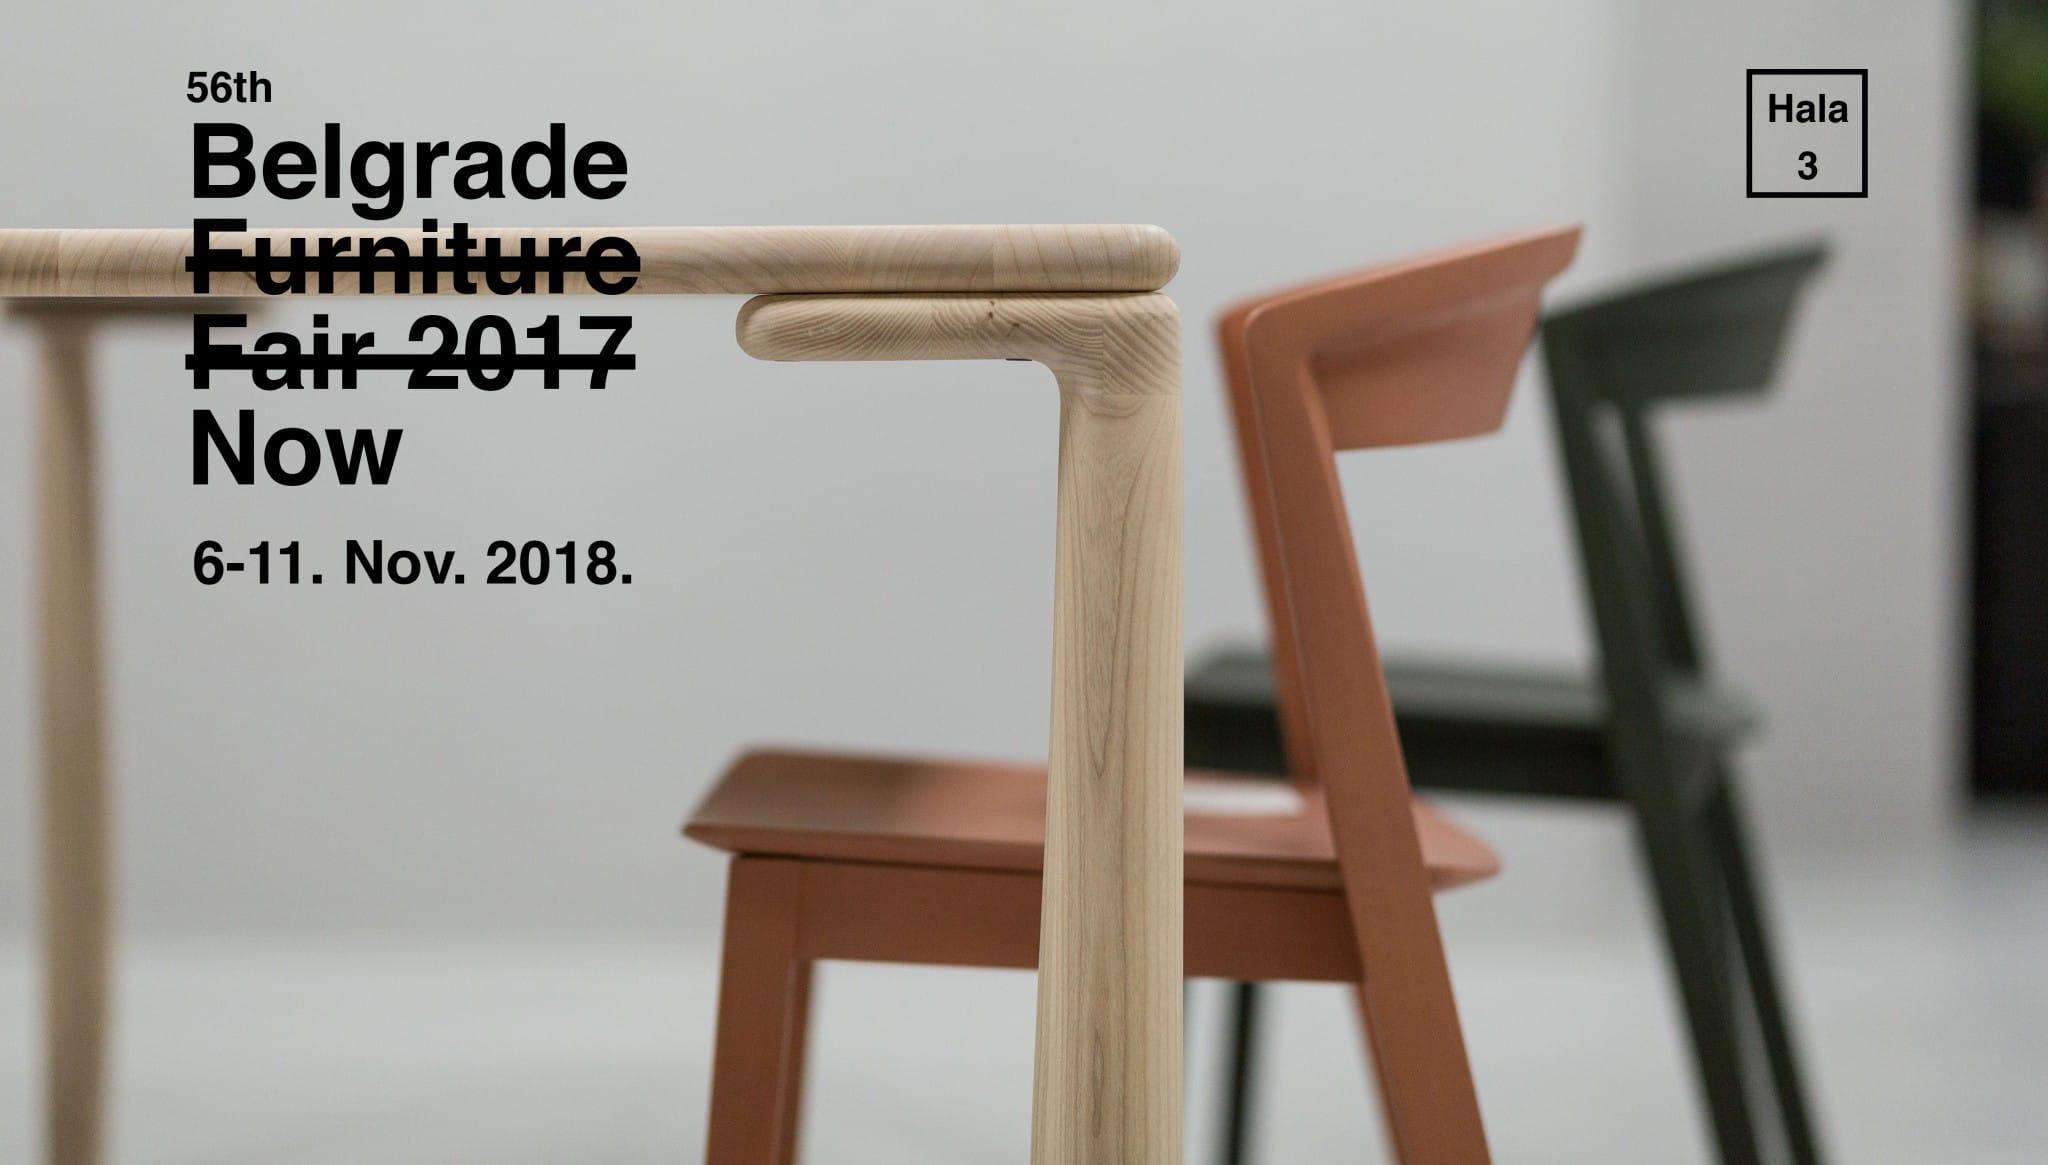 GIR at the 56th Belgrade Furniture Fair